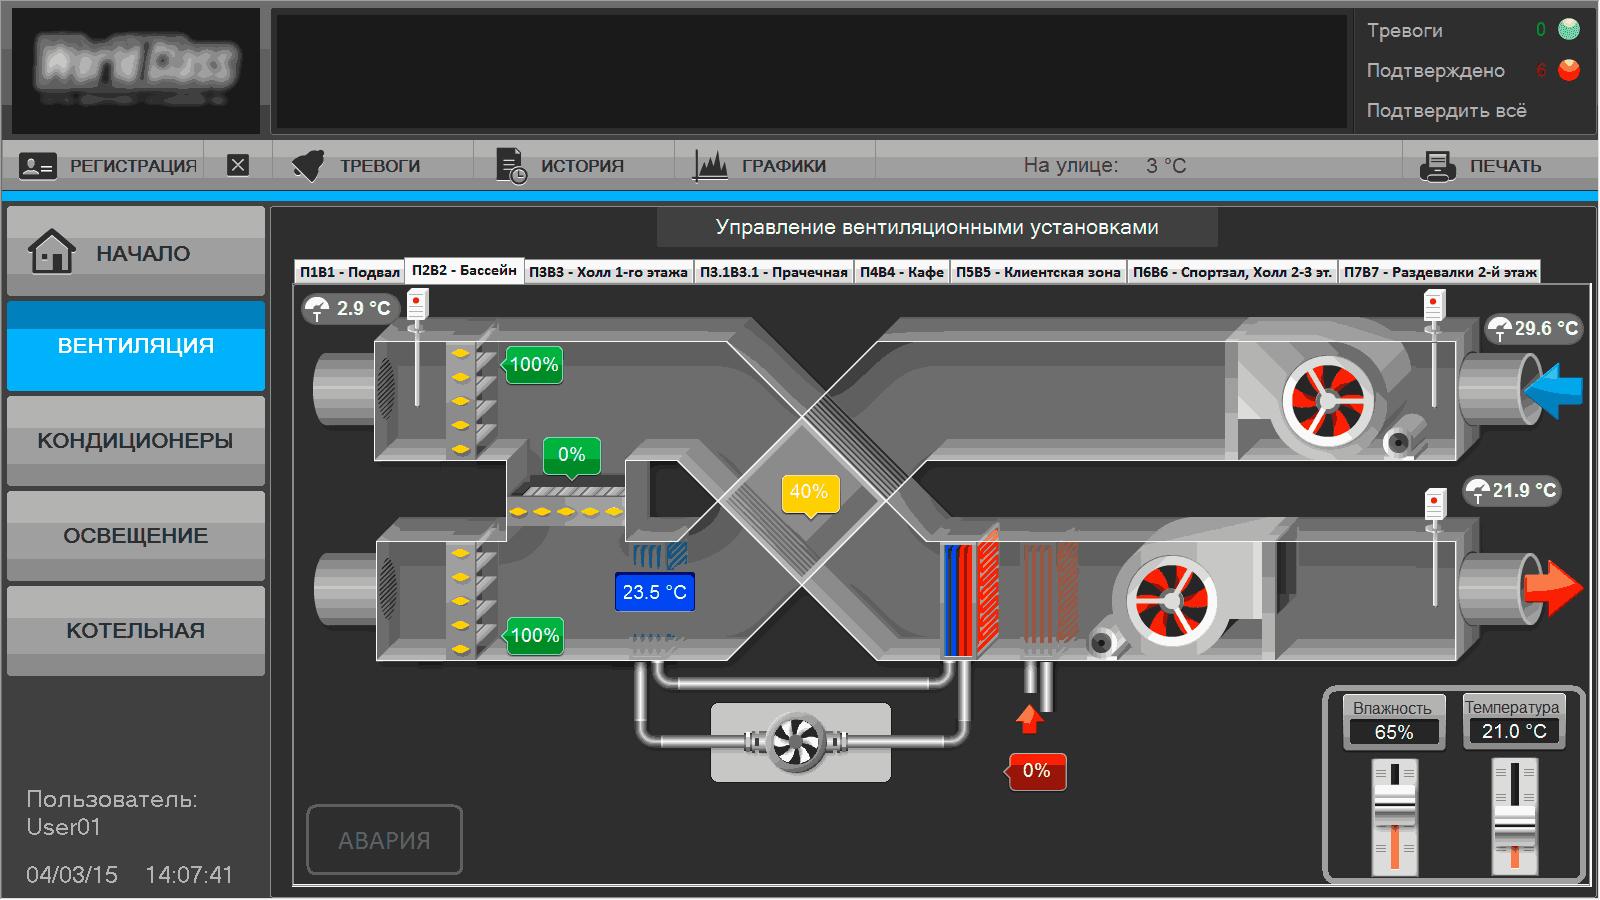 Управление вентиляционными установками